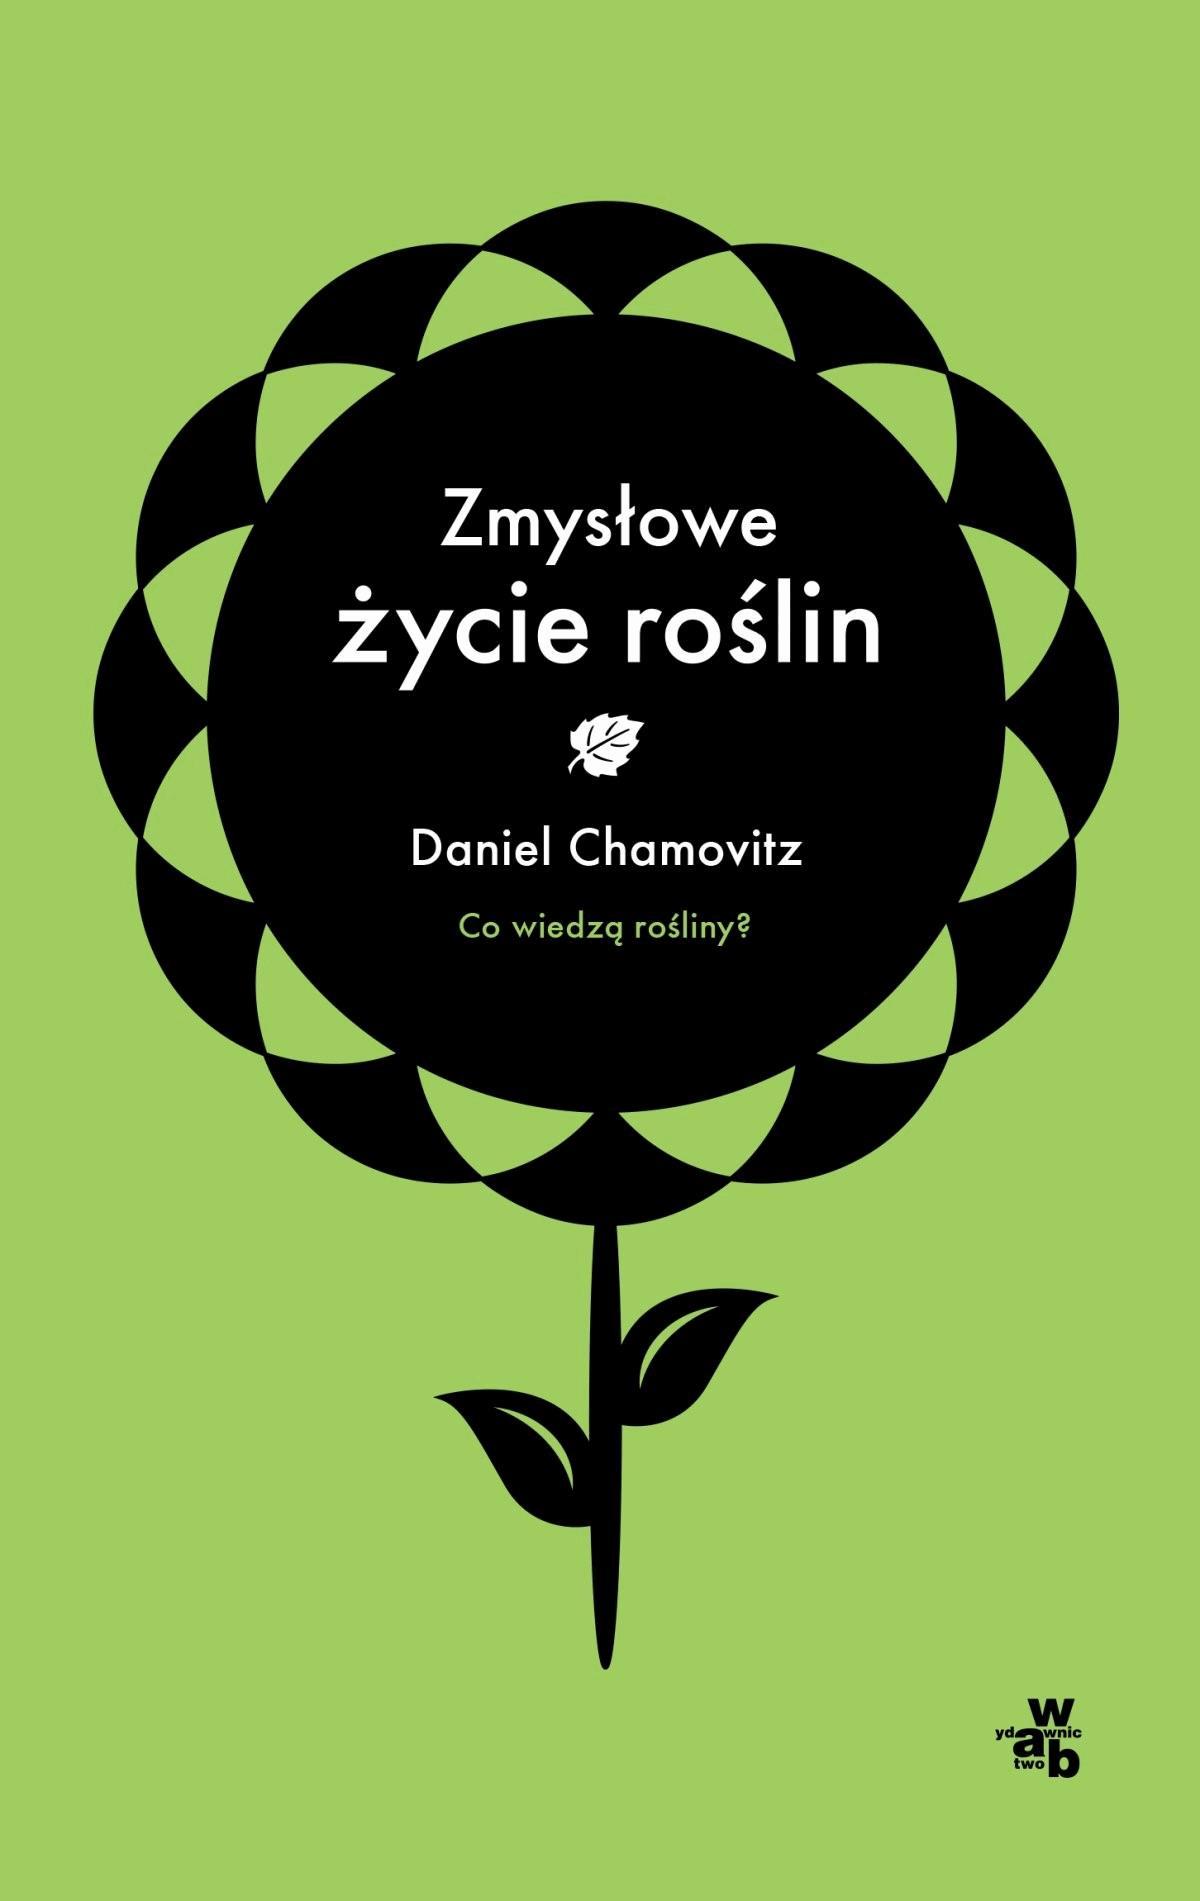 Zmysłowe życie roślin - Tylko w Legimi możesz przeczytać ten tytuł przez 7 dni za darmo. - Daniel Chamowitz